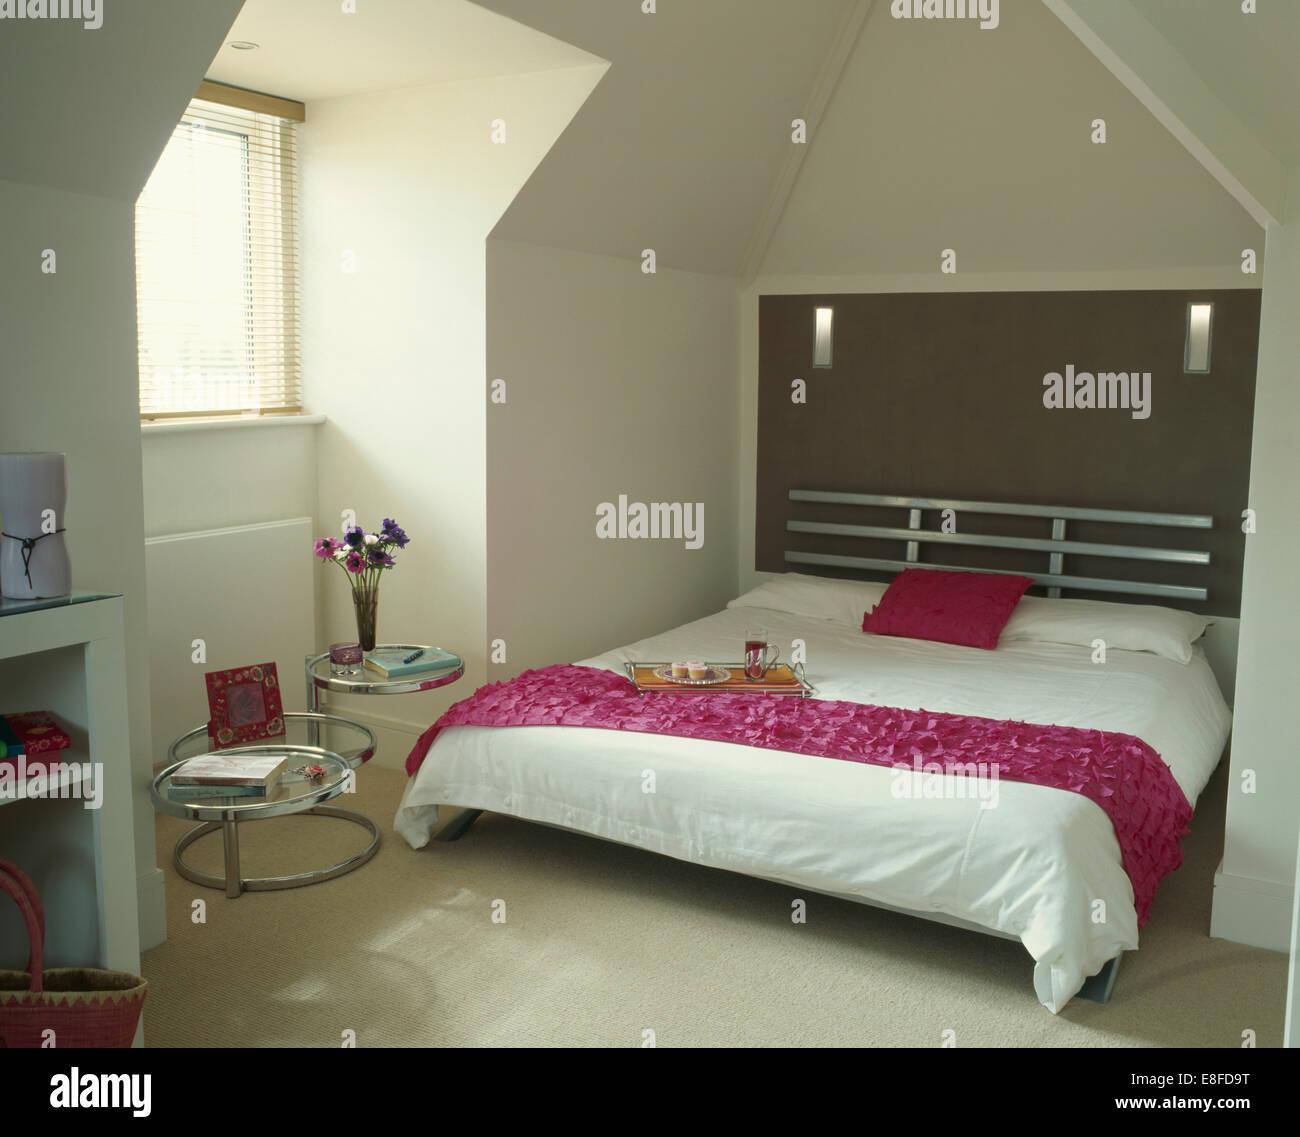 Rosa Werfen Und Kissen Auf Chrom Bett Mit Weissen Bettdecke In